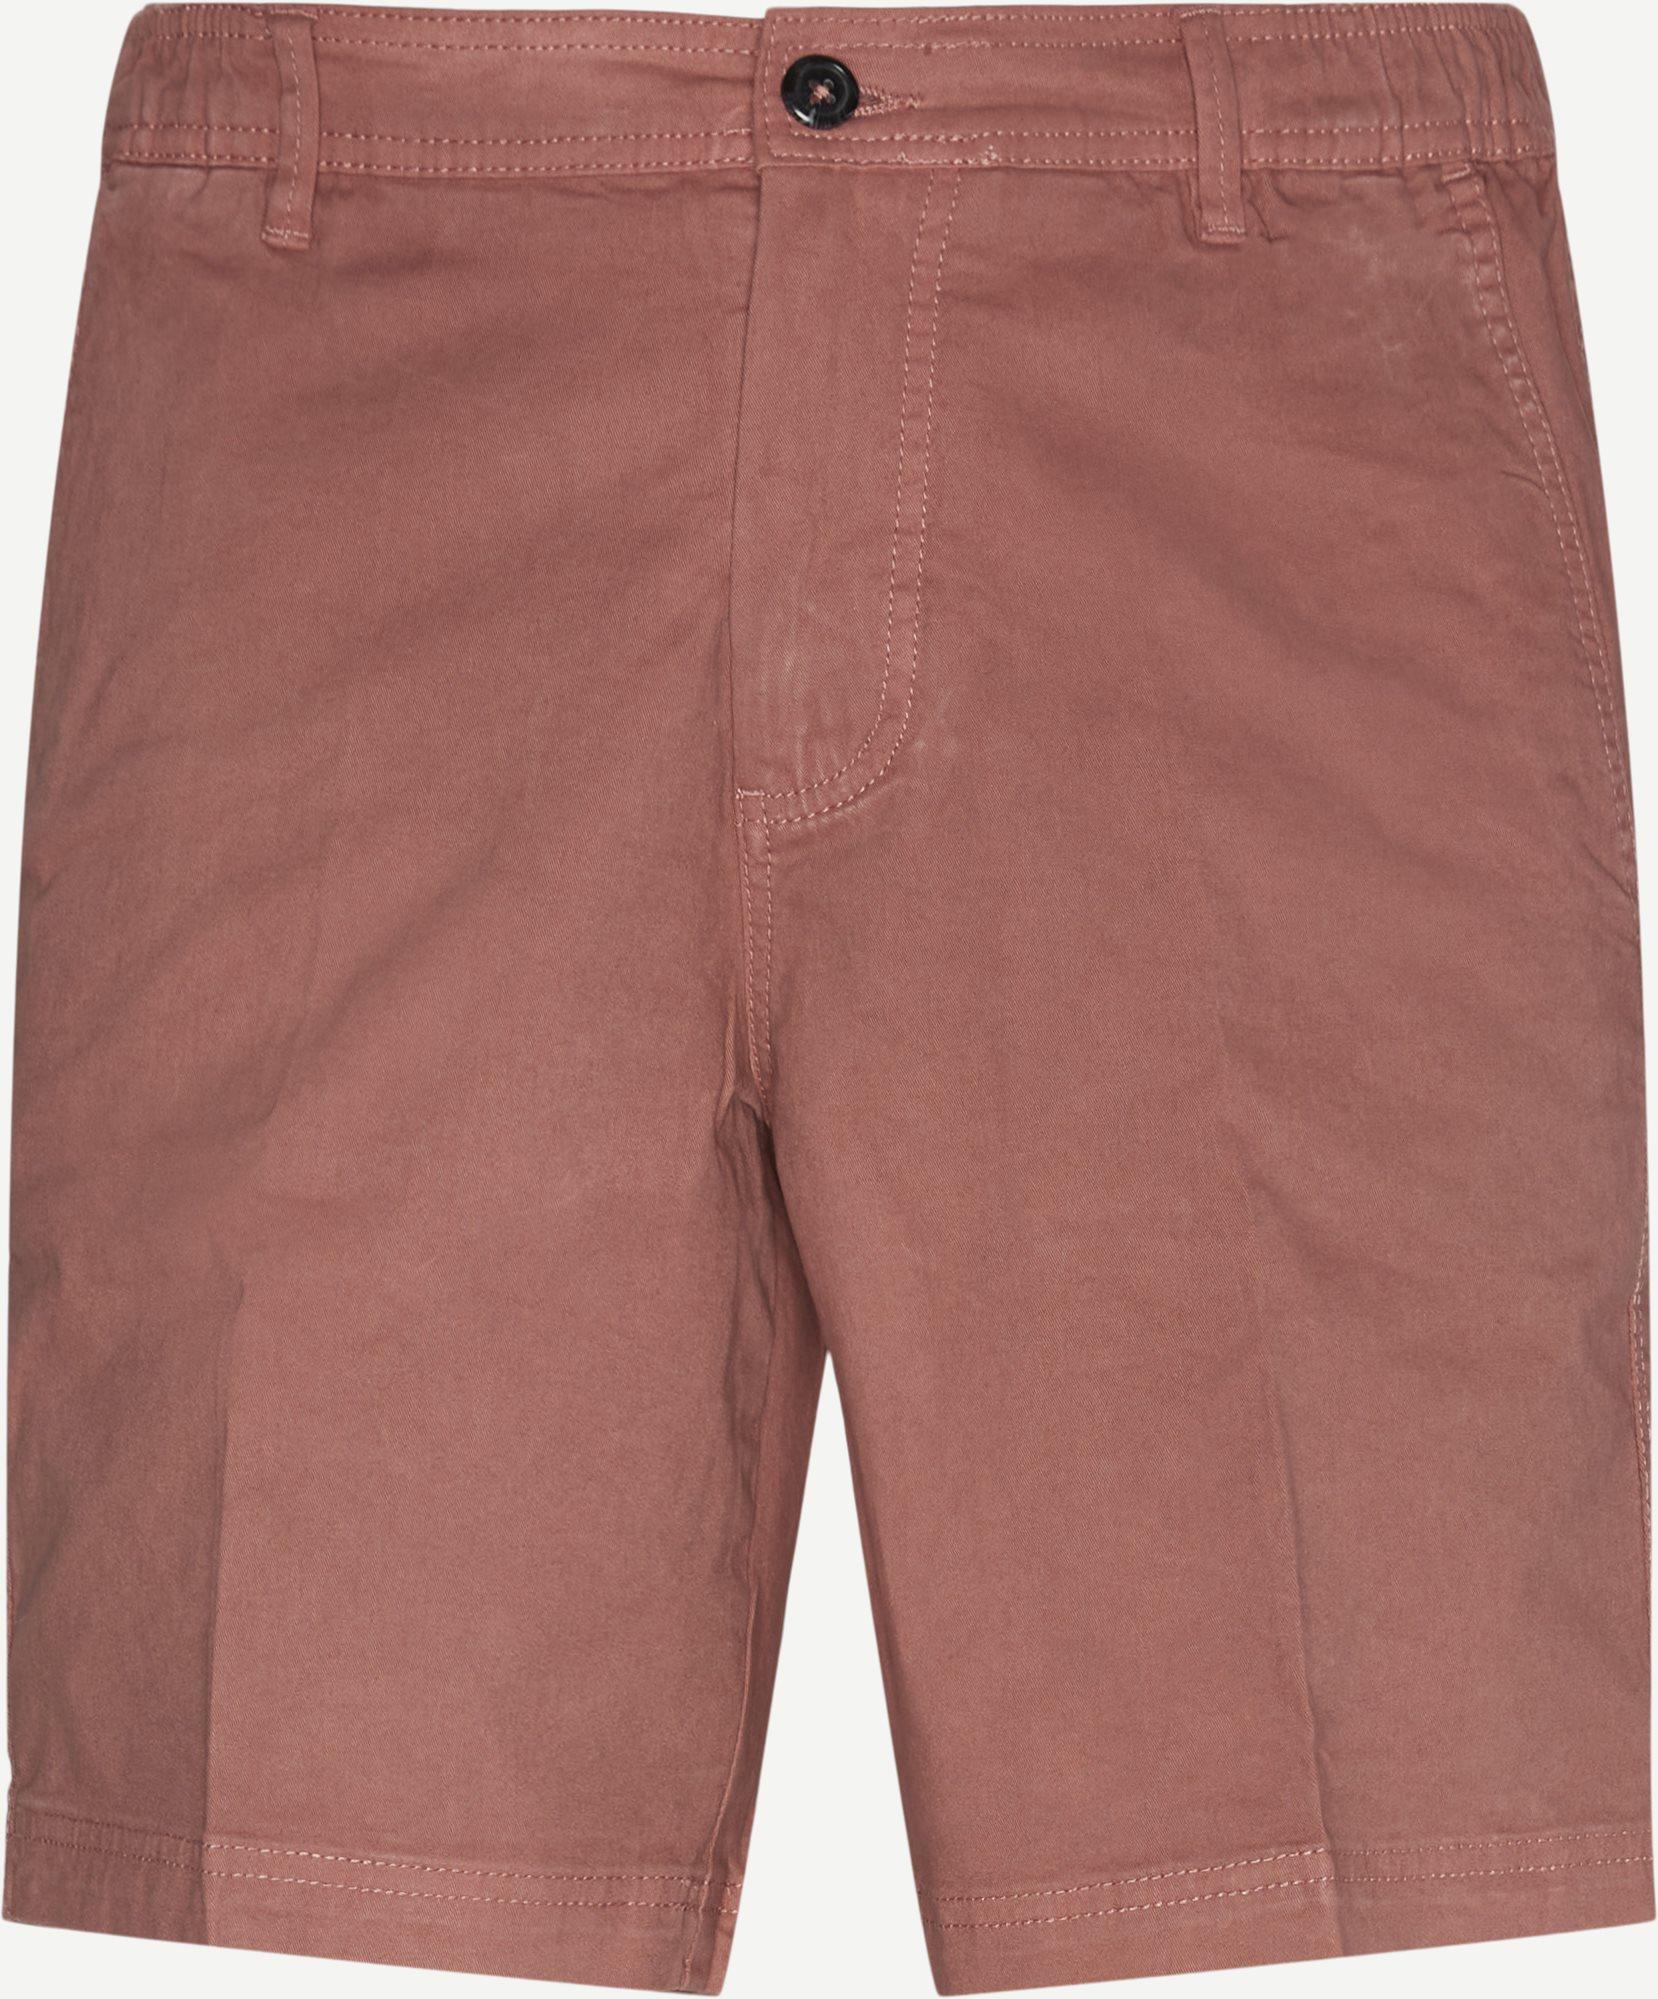 Shorts - Regular - Rosa